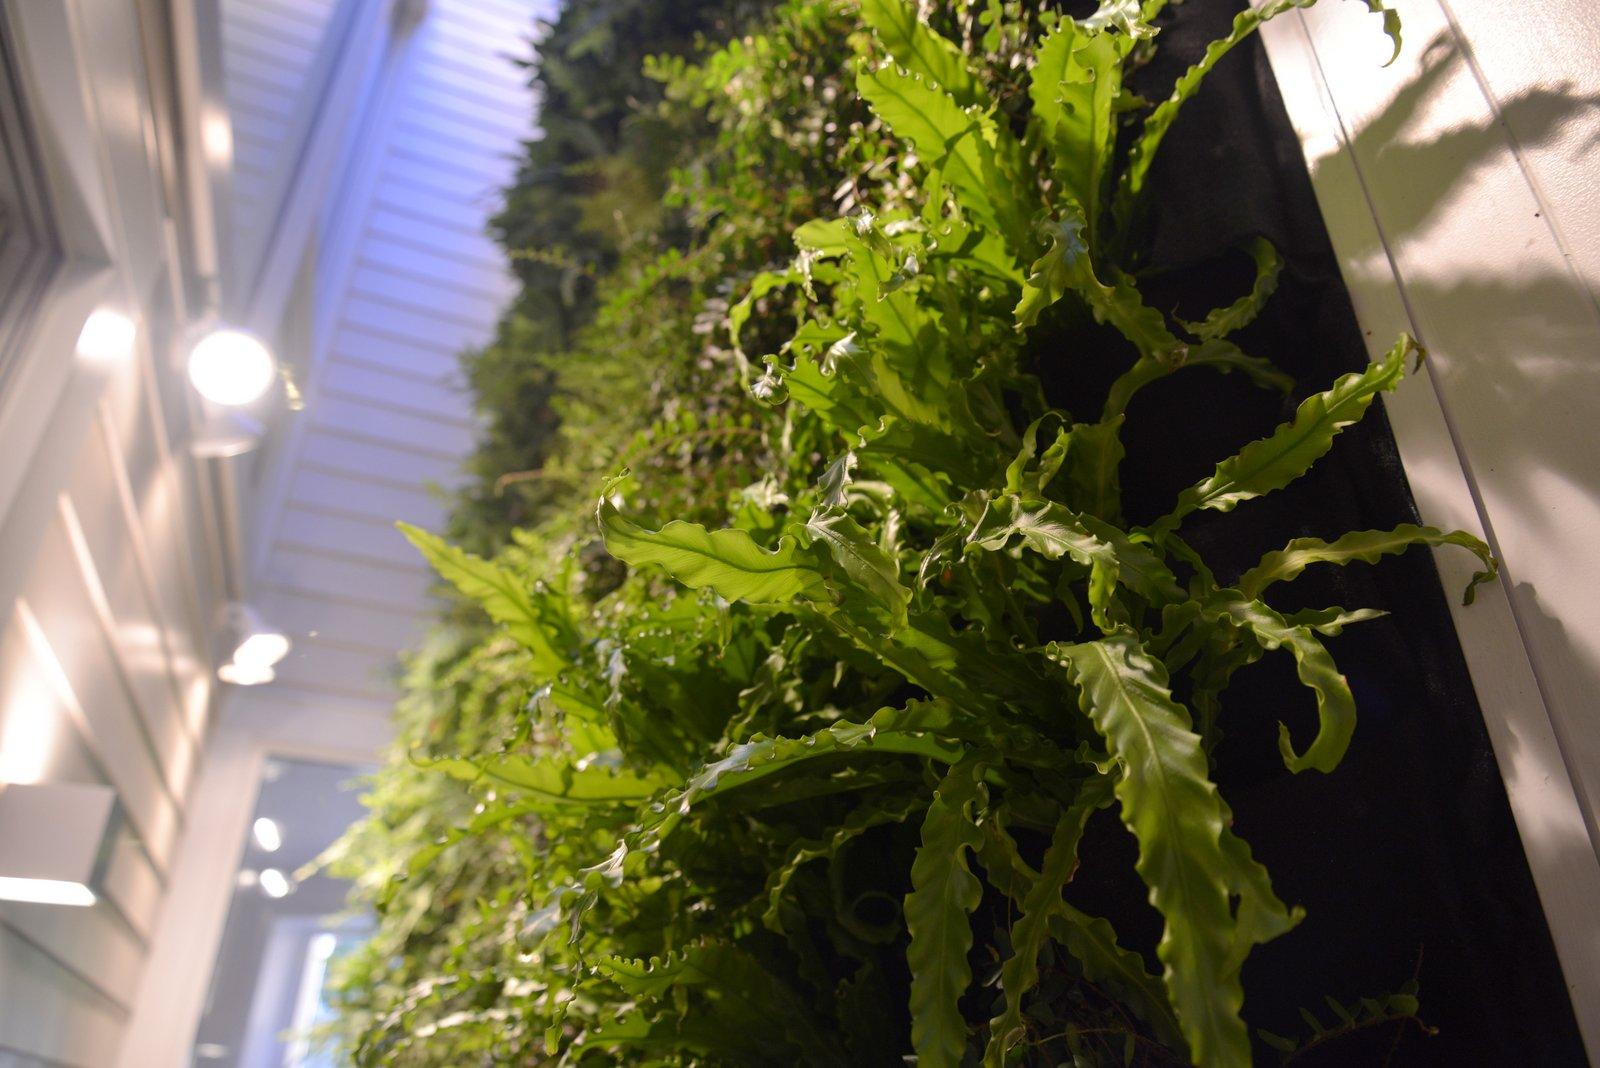 Florafelt-Vertical-Garden-Living-Wall-Belevedere-Street-08-_CJB3512.JPG